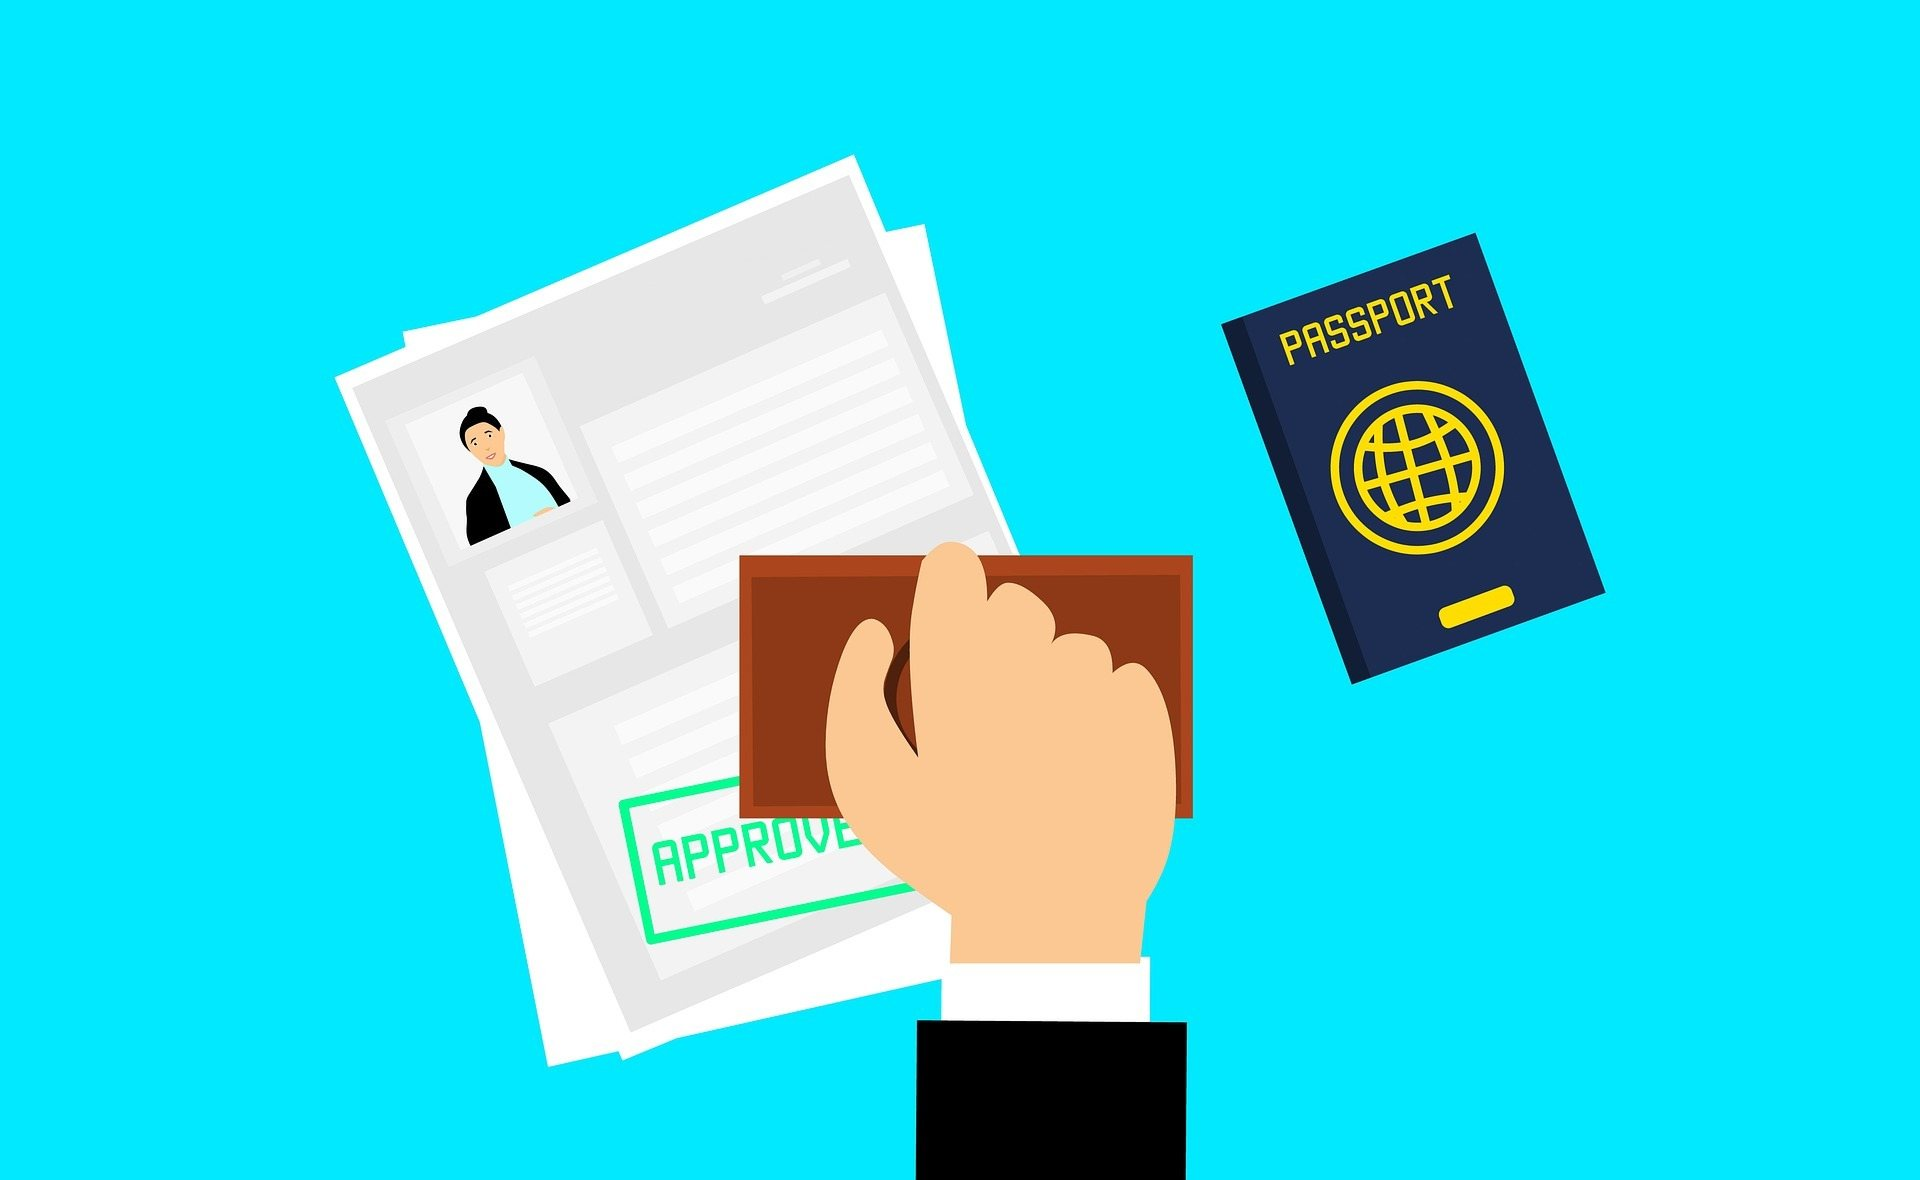 Inmigración ilegal: ¿Cuáles son los riesgos para quienes permanecen en Italia sin un permiso de residencia?